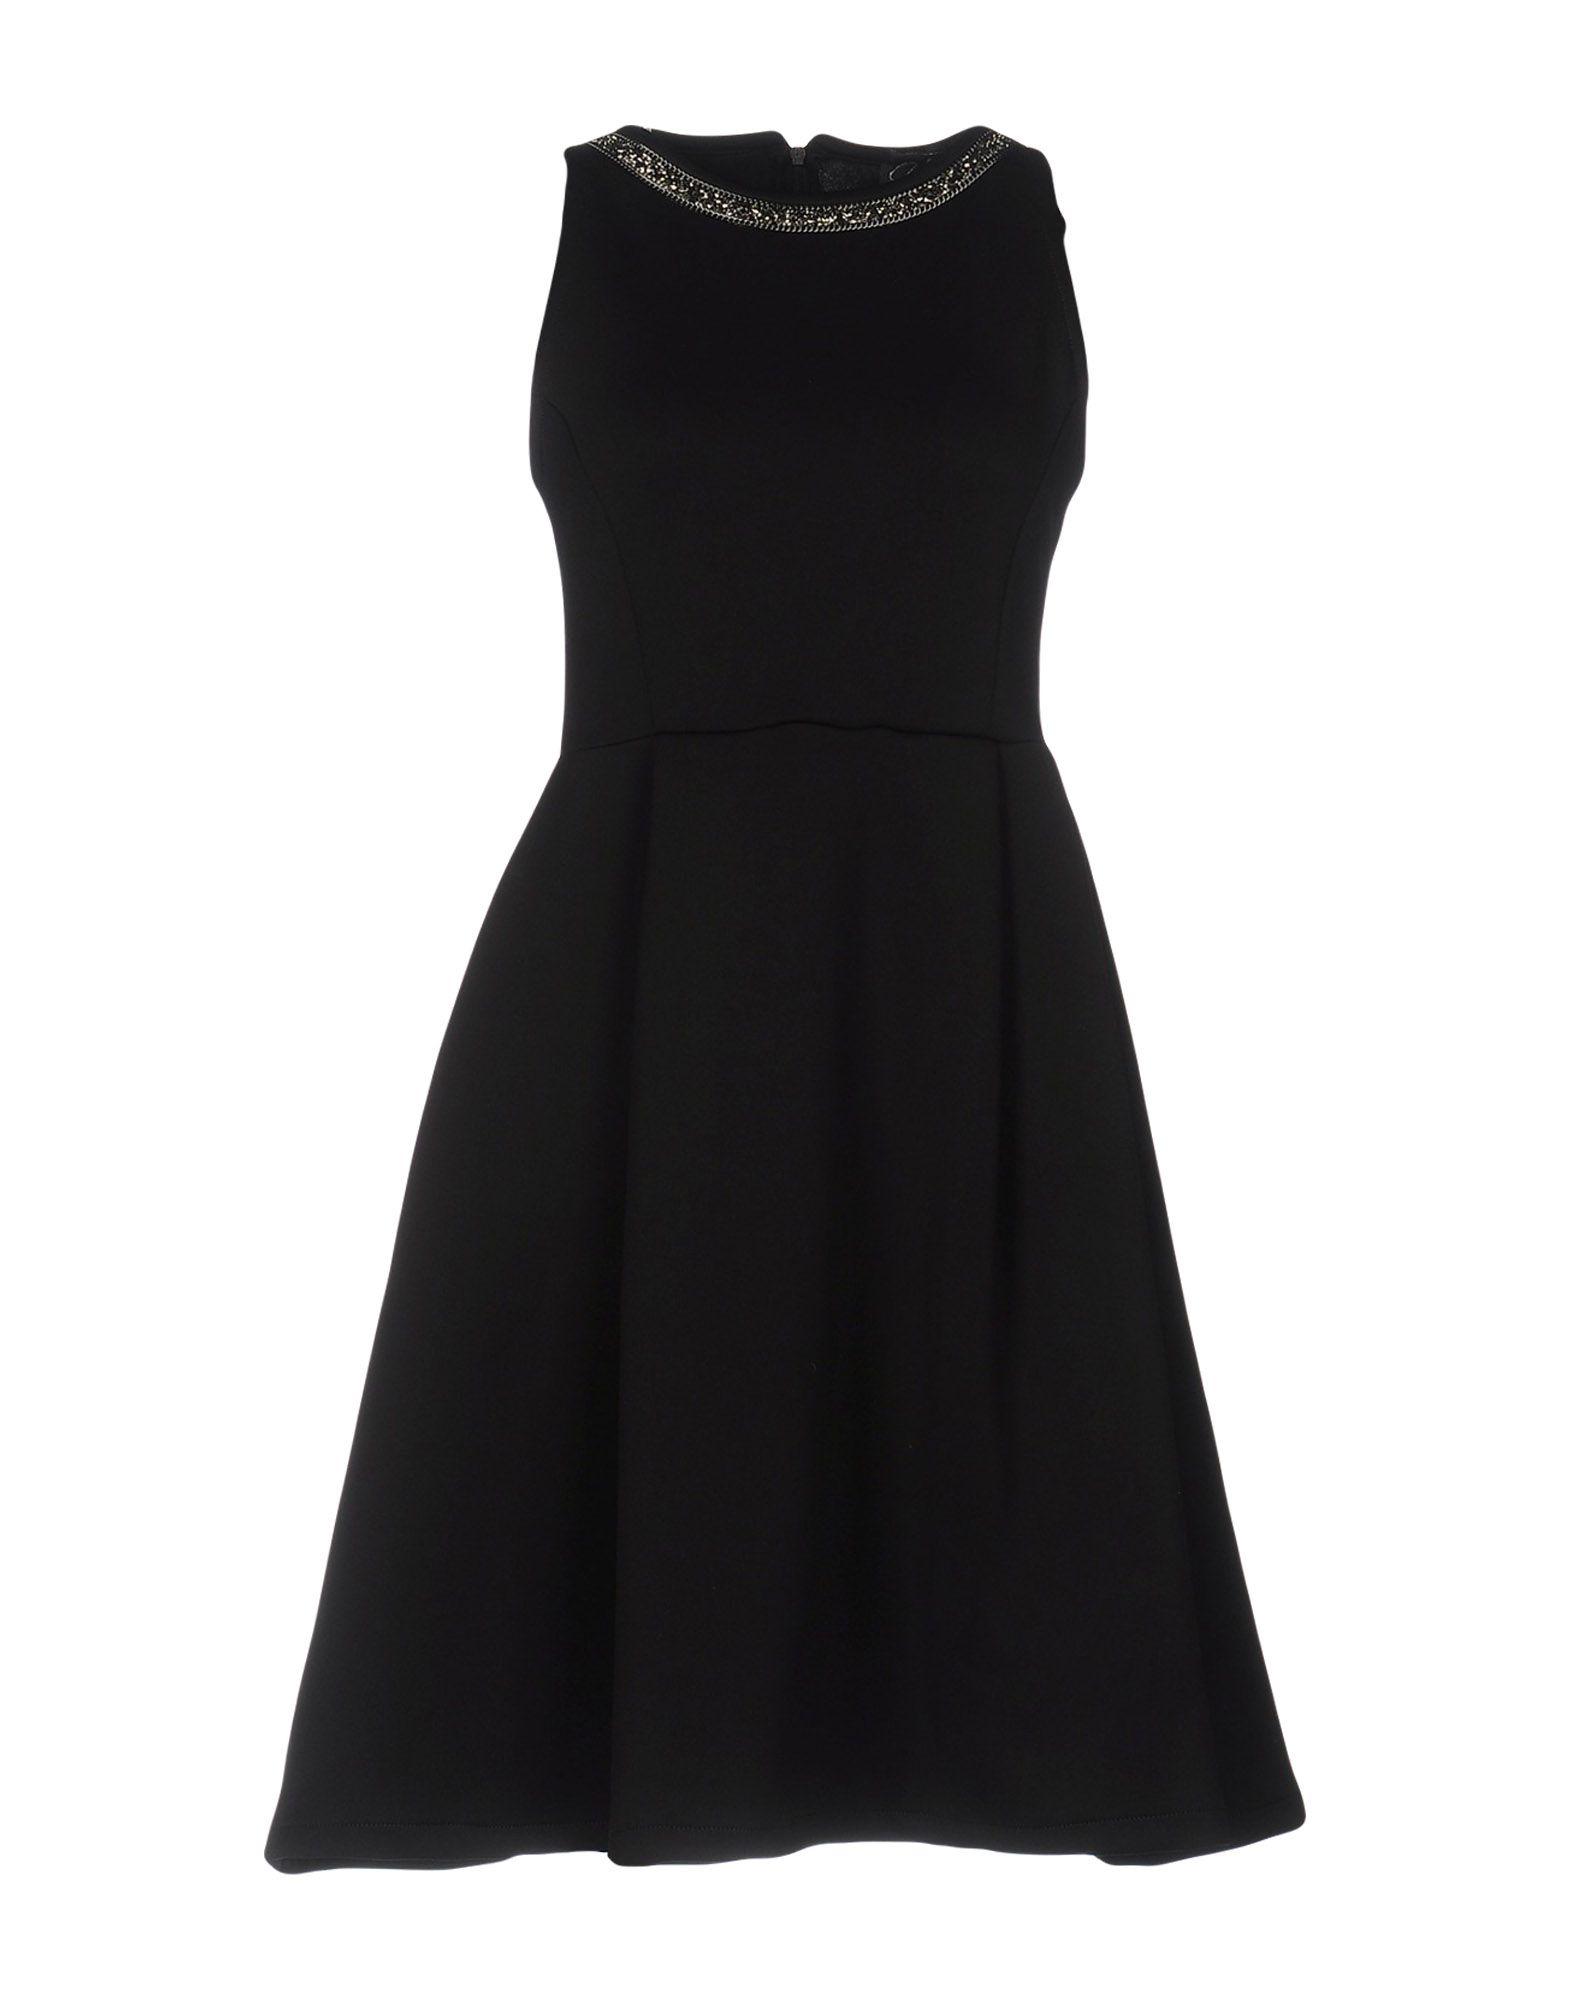 《送料無料》OUI! C'EST MOI レディース ミニワンピース&ドレス ブラック XS 95% ポリエステル 5% ポリウレタン